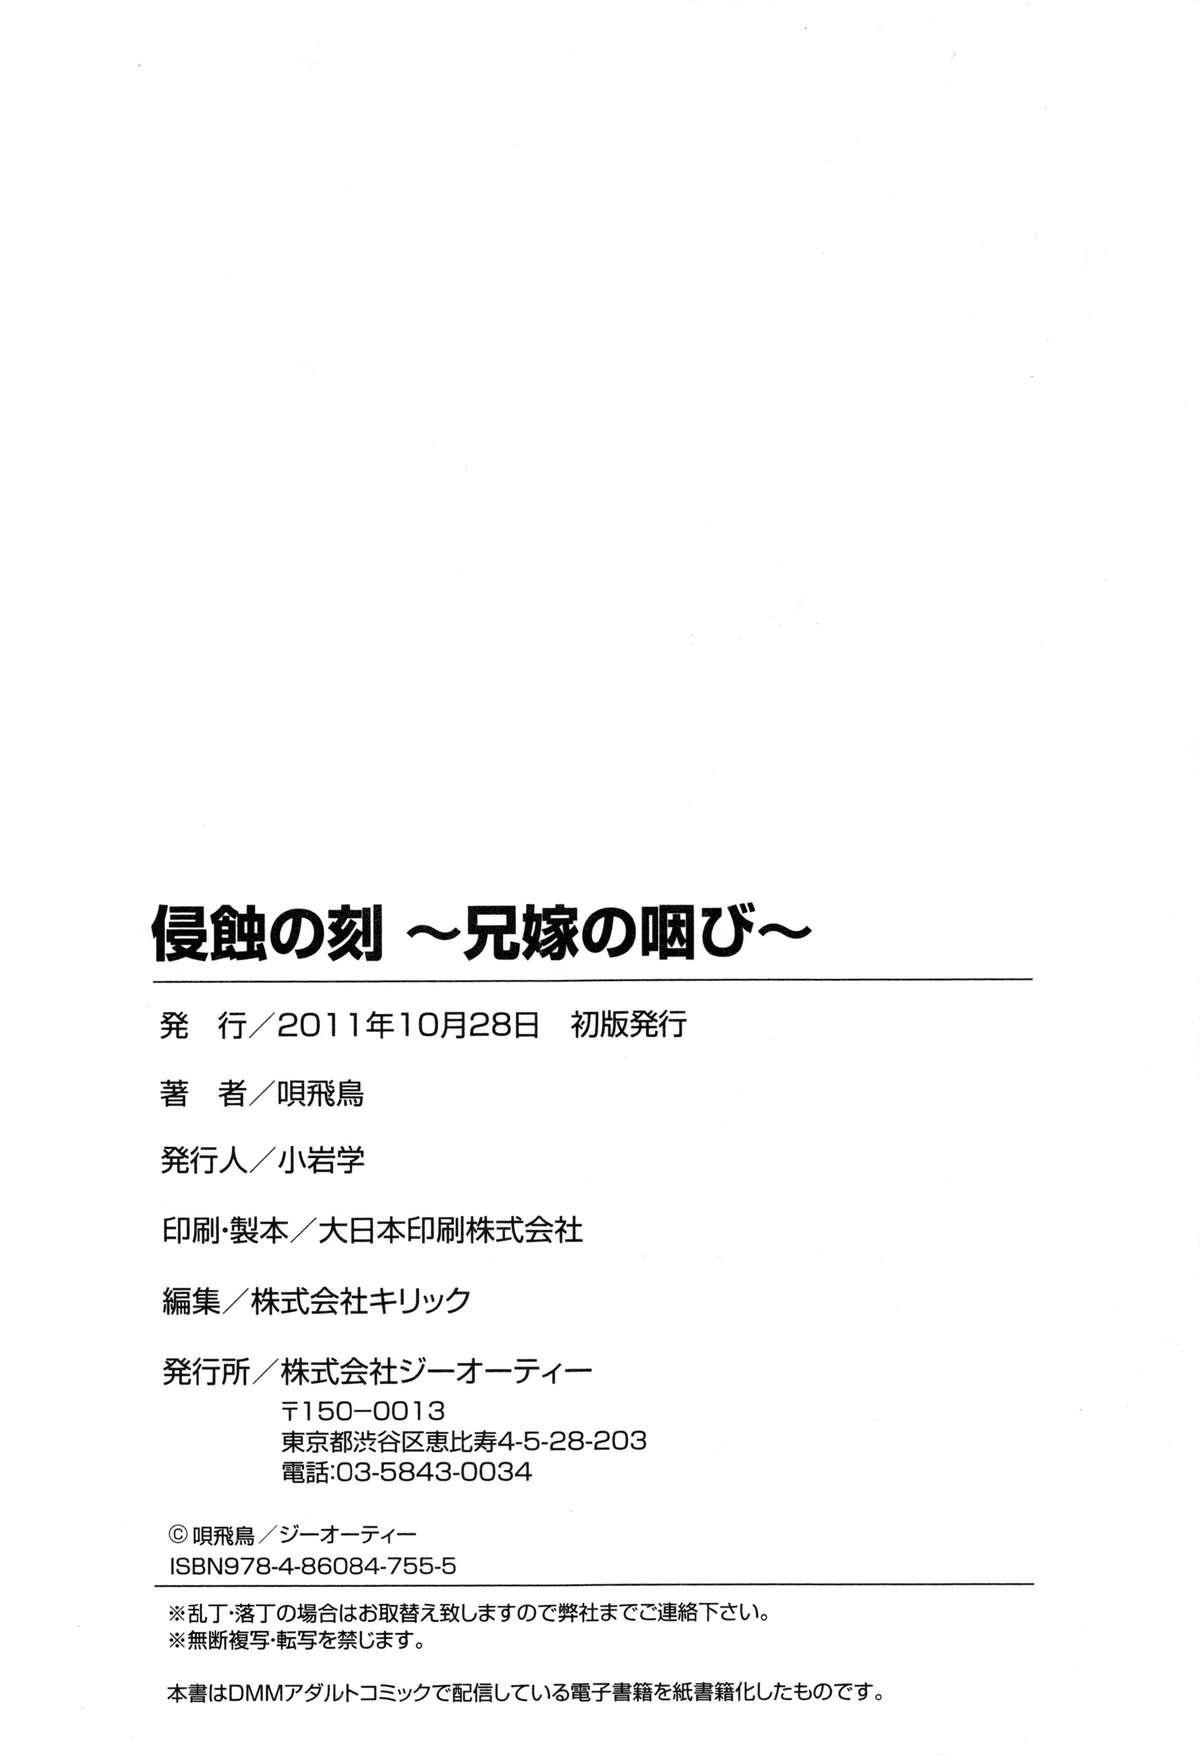 Shinshoku no Toki 202